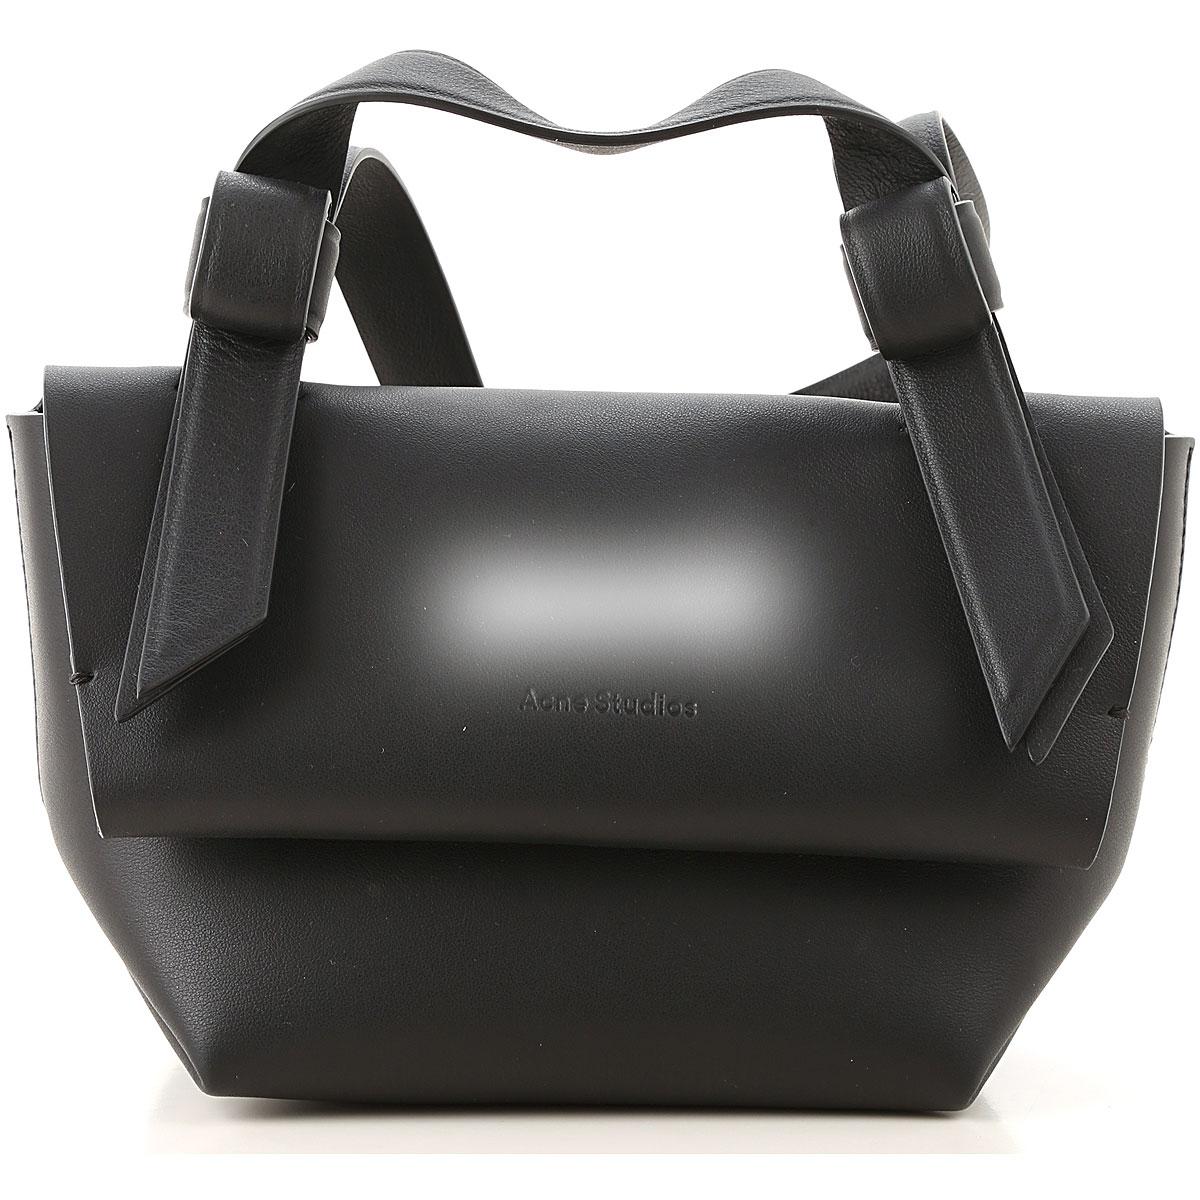 Acne Studios Shoulder Bag for Women, Black, Leather, 2017